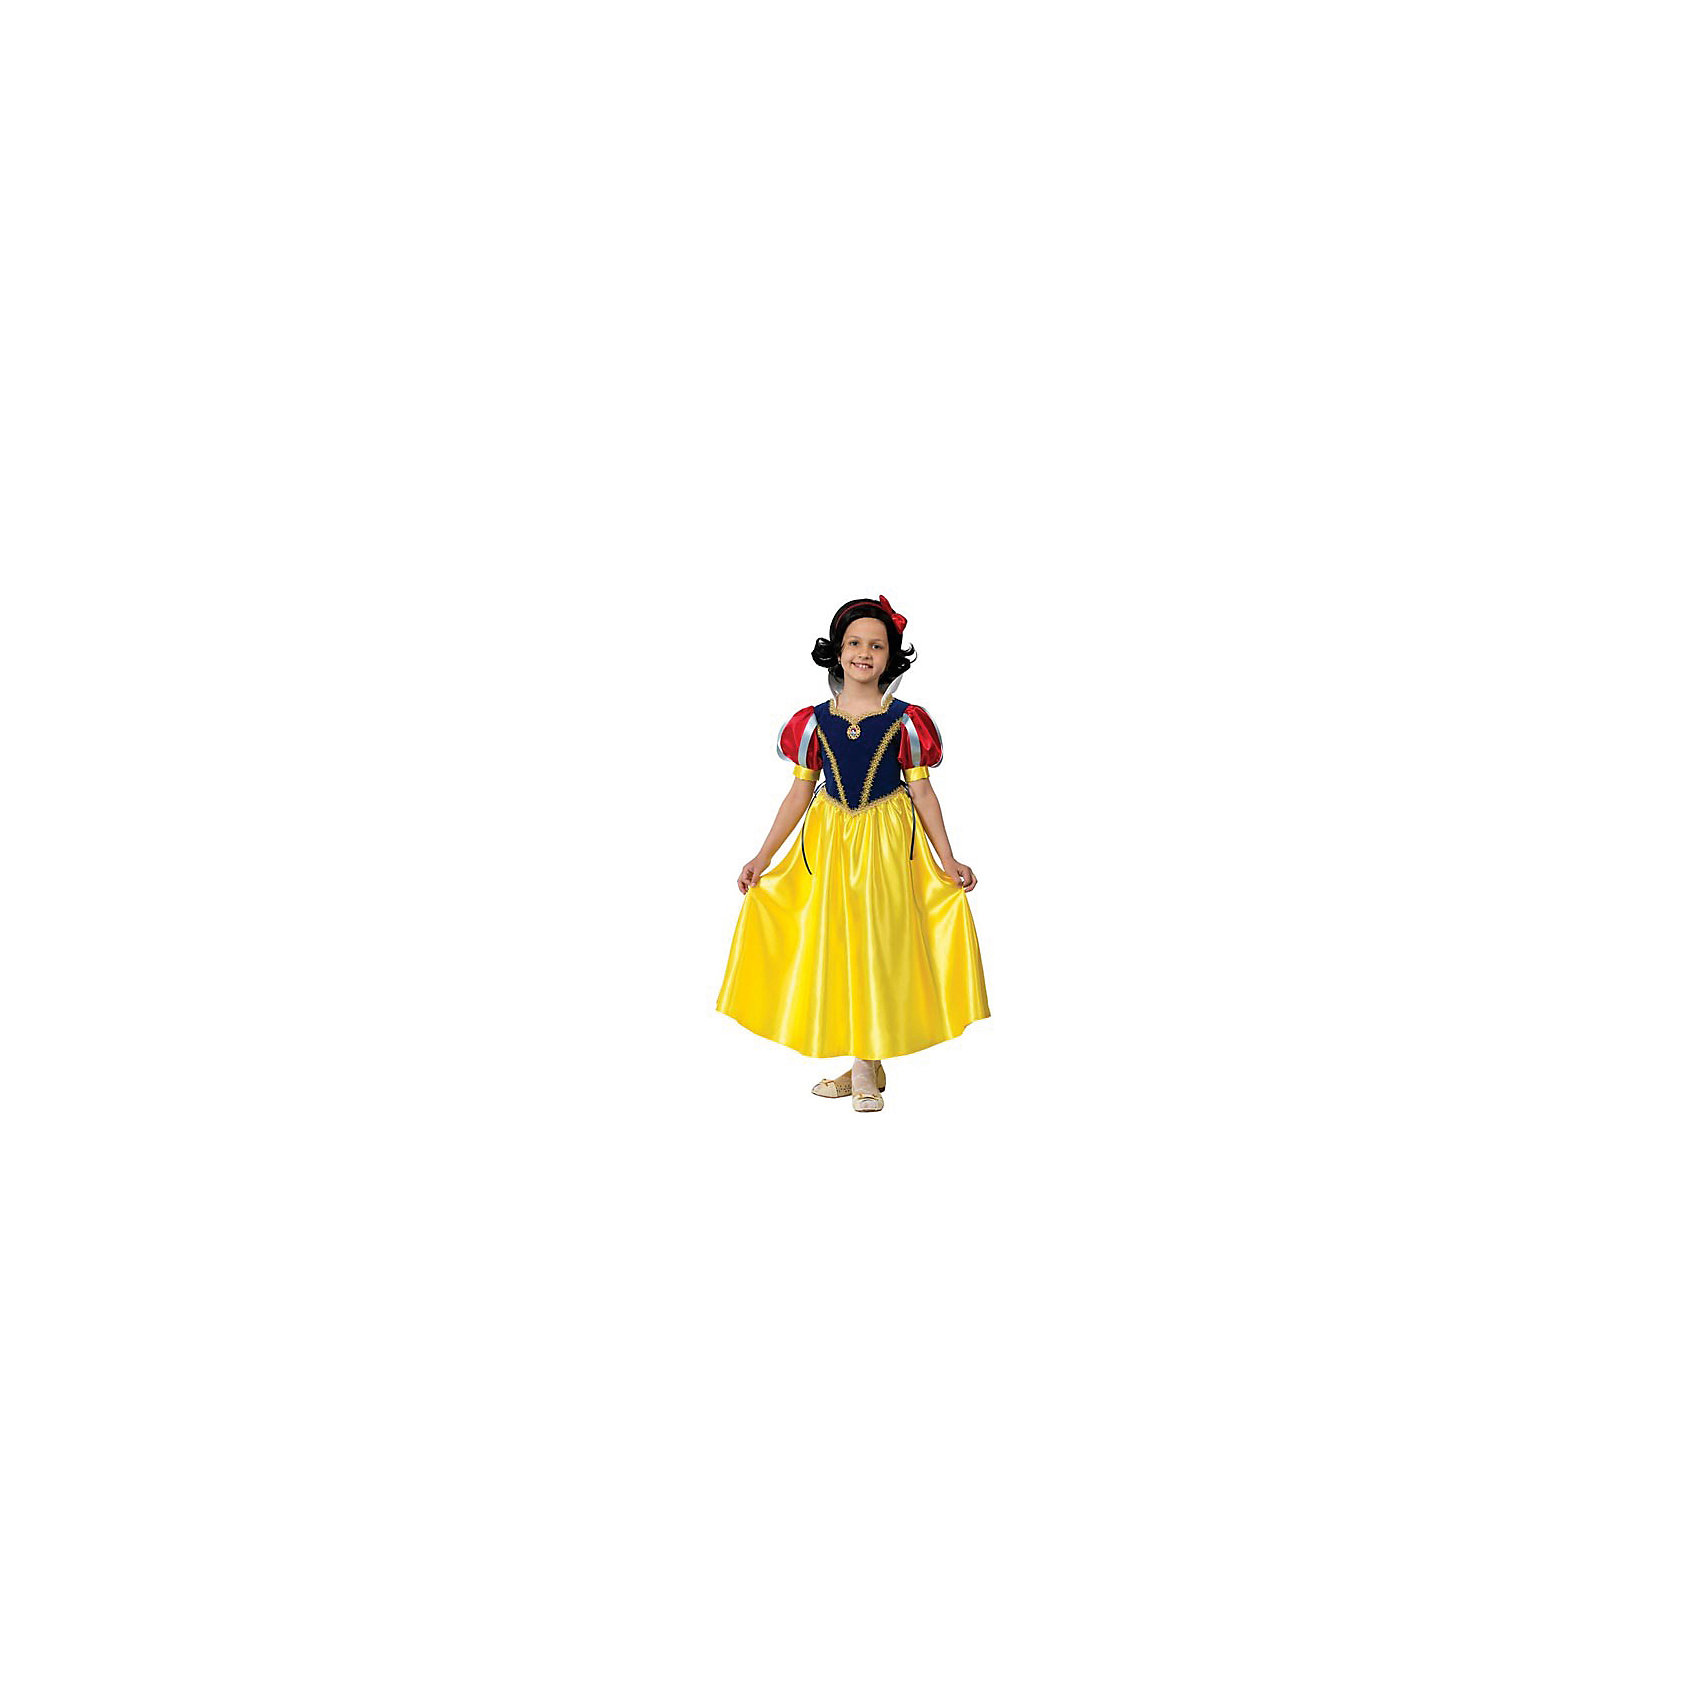 Карнавальный костюм Принцесса Белоснежка, БатикКаждая девочка мечтает стать сказочной принцессой. Ваша малышка придет в восторг от этого прекрасного наряда. Все детали костюма отлично проработаны что позволяет создать органичный и узнаваемый образ принцессы Белоснежки. Позвольте девочке почувствовать себя королевой вечера и получить настоящее удовольствие от самого волшебного праздника в году! Костюм выполнен из высококачественных экологичных материалов, в производстве ткани использованы только безопасные, гипоаллергенные красители.<br><br>Дополнительная информация:<br><br>- Материал: текстиль, пластик.<br>- Цвет: красный, желтый, синий. <br>- Комплектация: платье, парик, брошь, ободок с бантом.<br>- Декоративные элементы: тесьма.<br>- Параметры для размера 30:<br>- обхват груди: 60 см.<br>- рост: 116 см.<br><br>Карнавальный костюм Принцесса Белоснежка, Батик, можно купить в нашем магазине.<br><br>Ширина мм: 500<br>Глубина мм: 50<br>Высота мм: 700<br>Вес г: 600<br>Цвет: разноцветный<br>Возраст от месяцев: 60<br>Возраст до месяцев: 72<br>Пол: Женский<br>Возраст: Детский<br>Размер: 28<br>SKU: 4412743